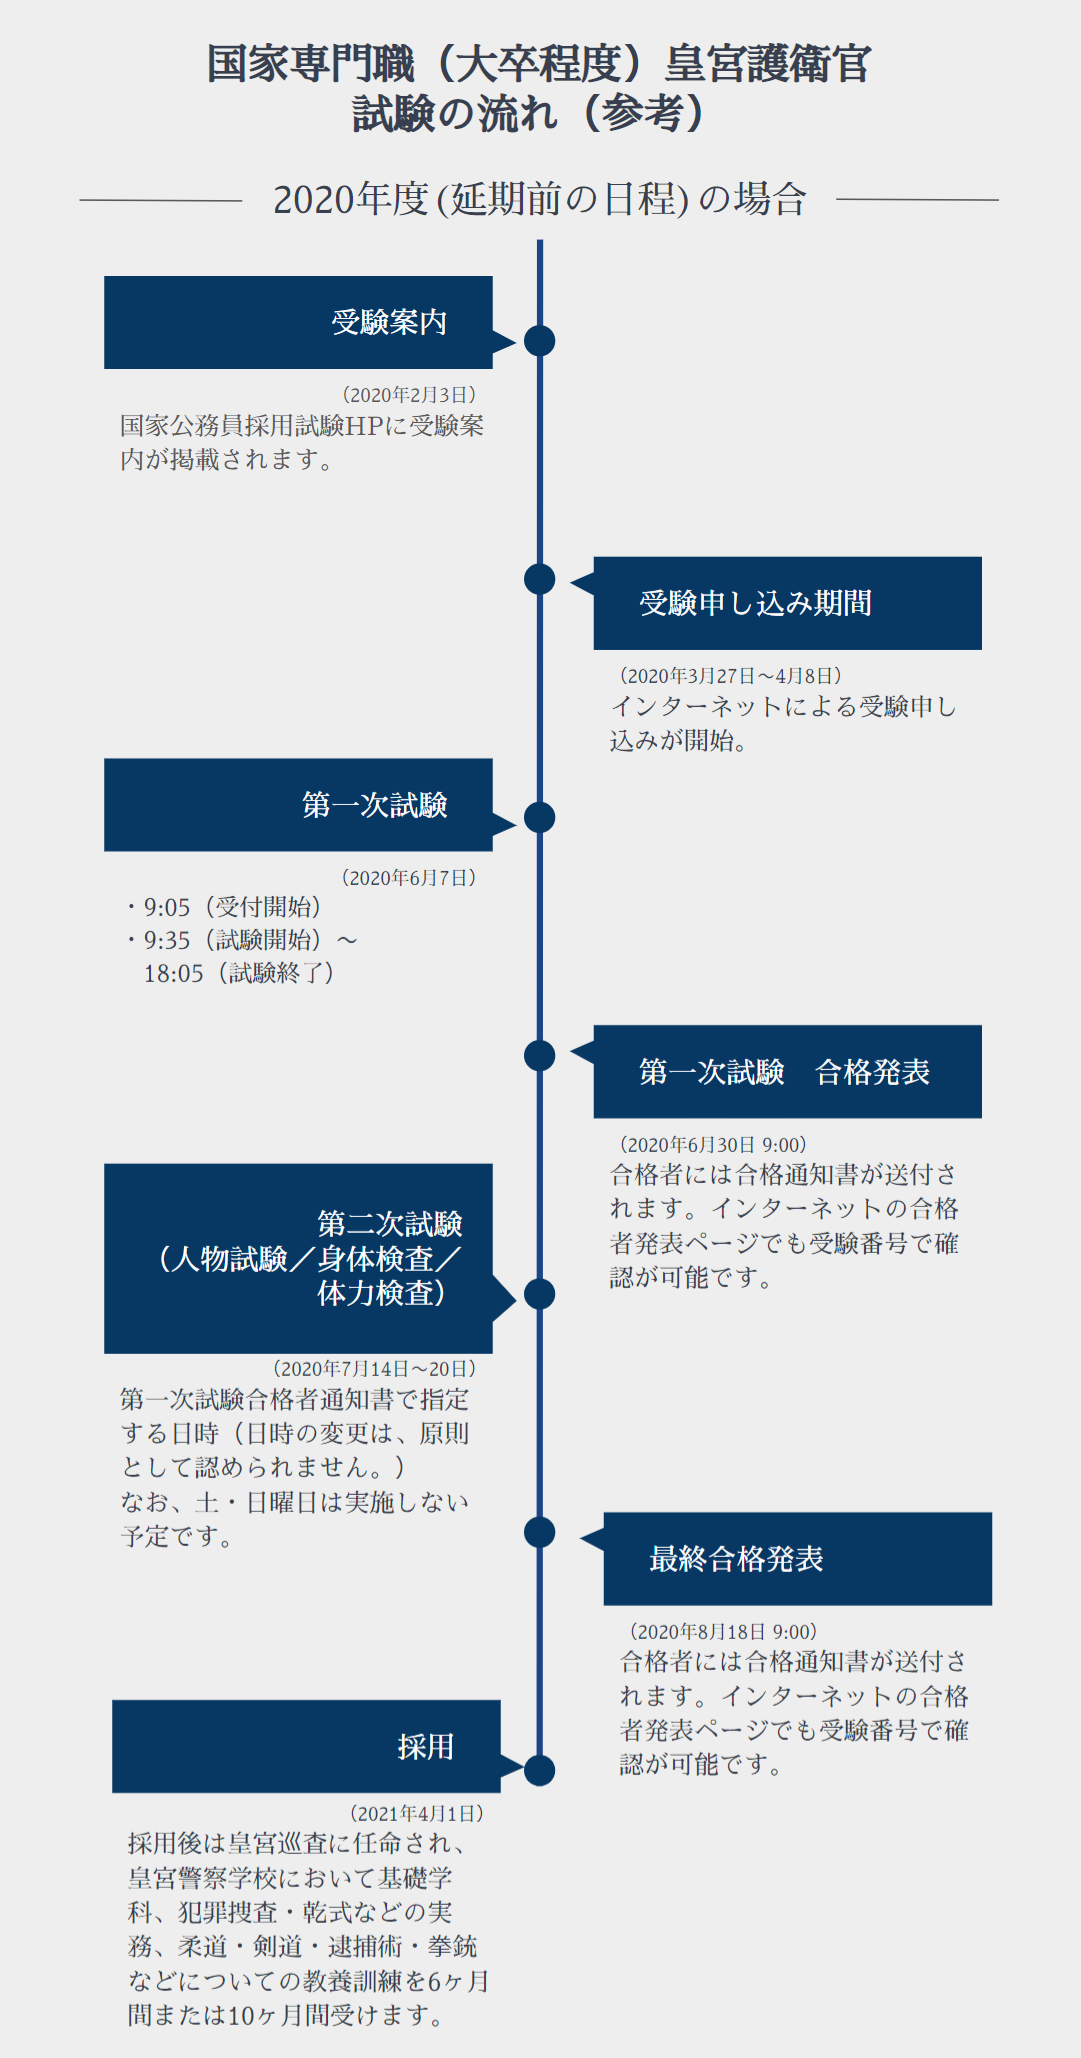 皇宮護衛官 試験の流れ イメージ画像